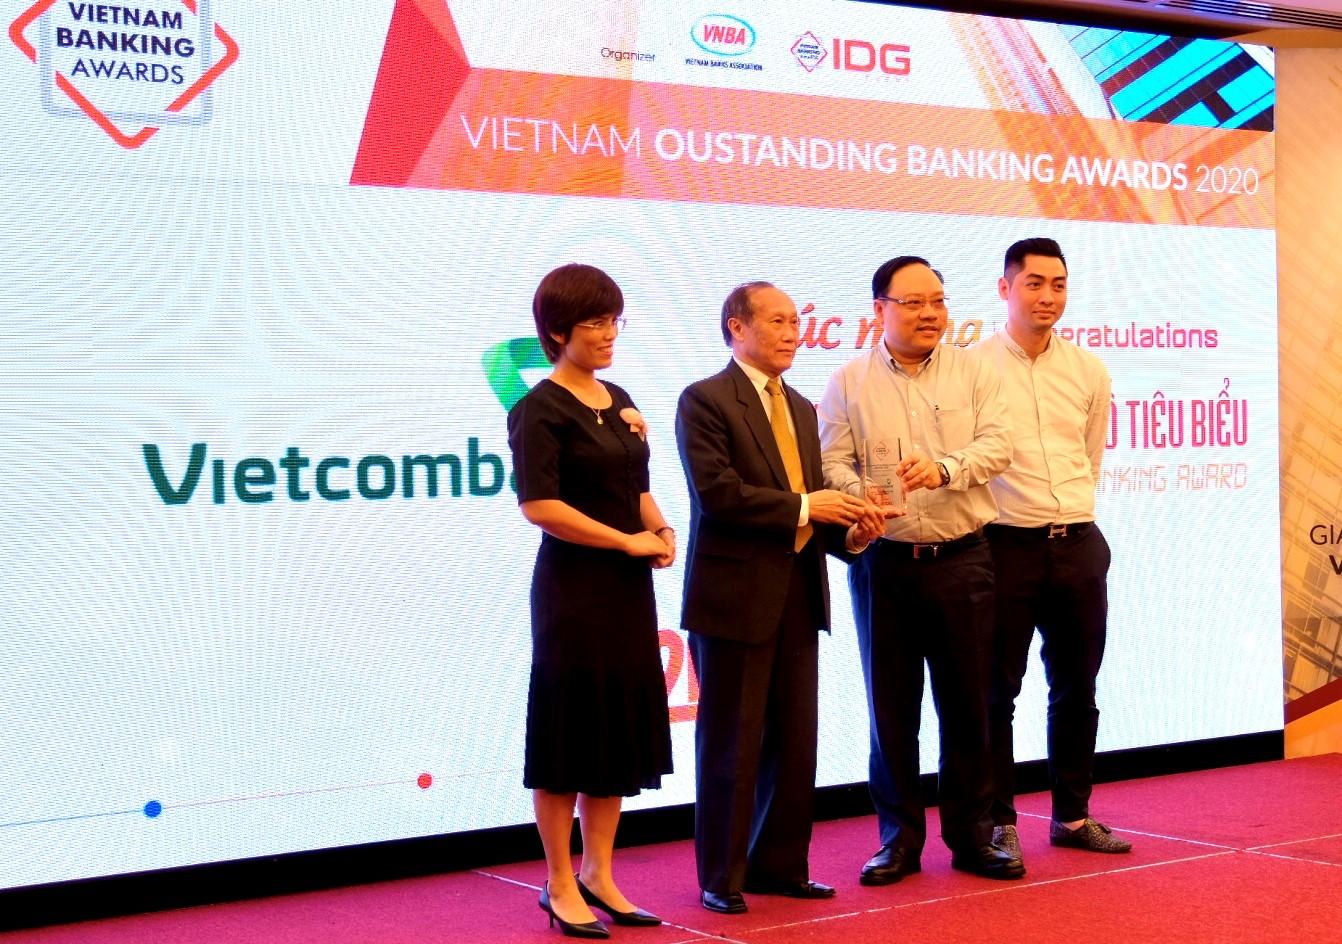 Vietcombank được vinh danh là Ngân hàng chuyển đổi số tiêu biểu năm 2020 - Ảnh 1